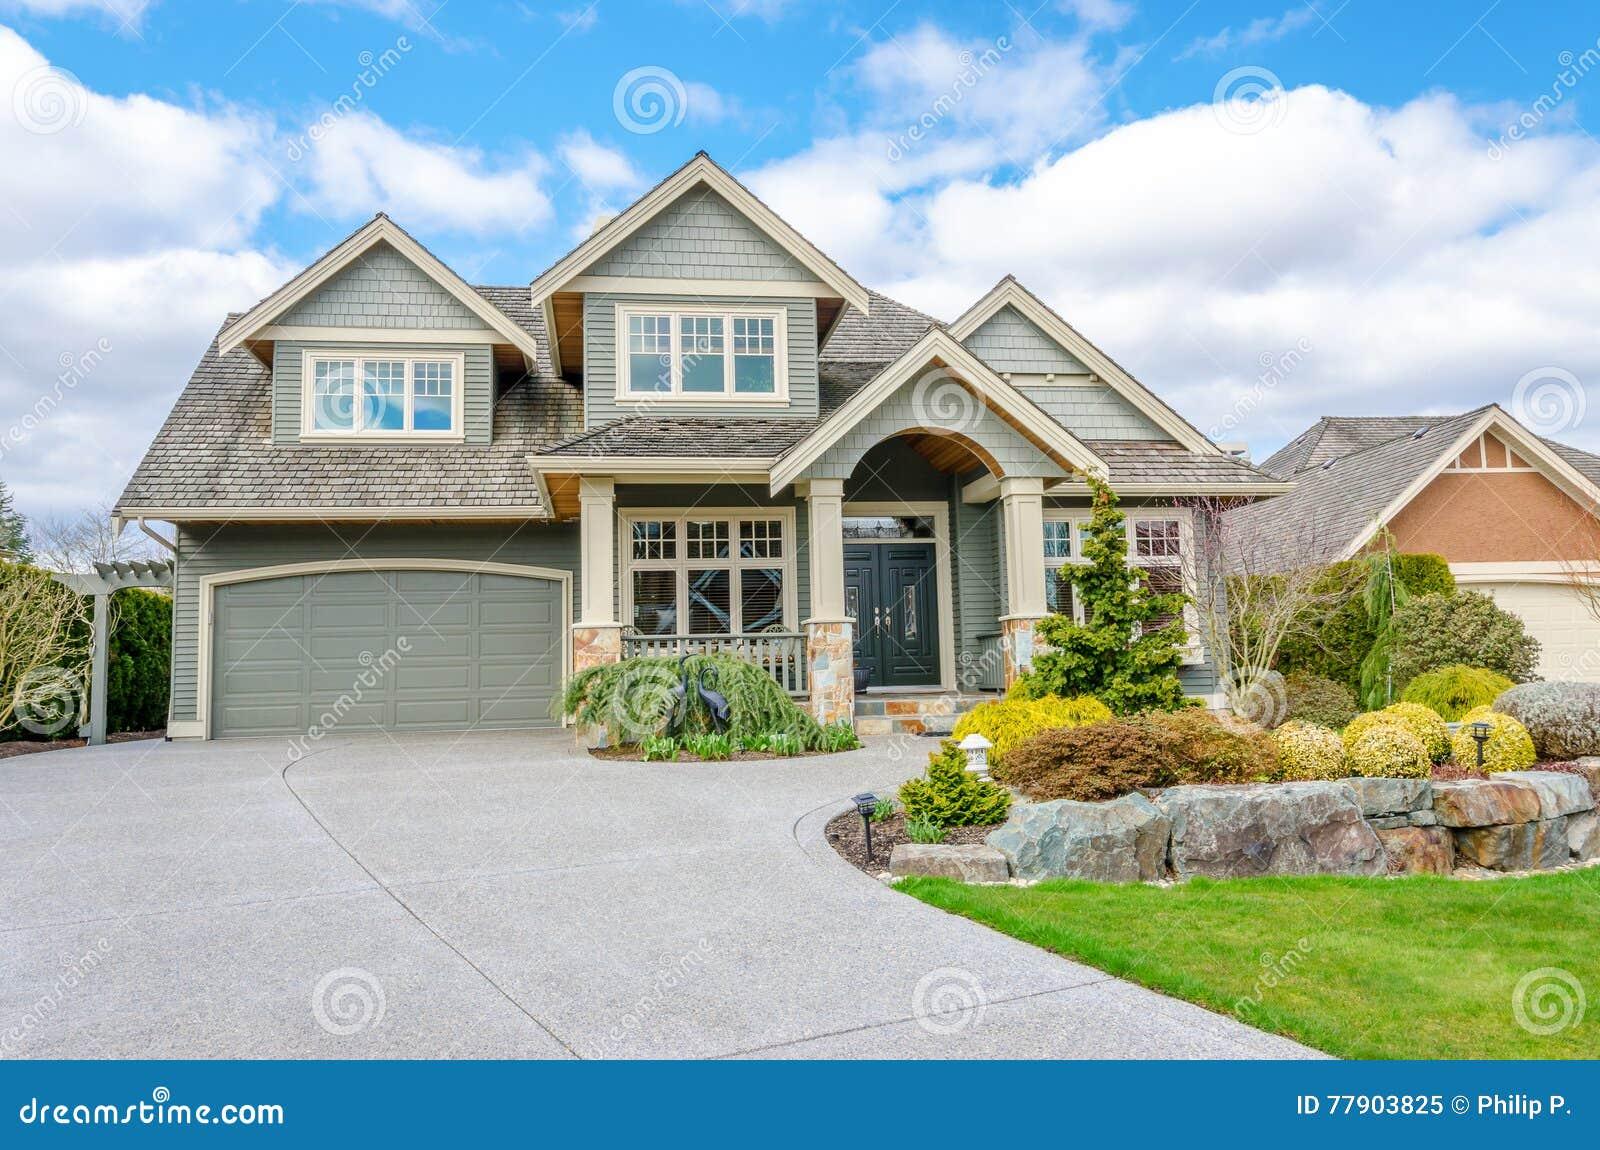 Maison De Luxe Avec Un Garage De Deux-voiture Image stock - Image du garage, moderne: 77903825